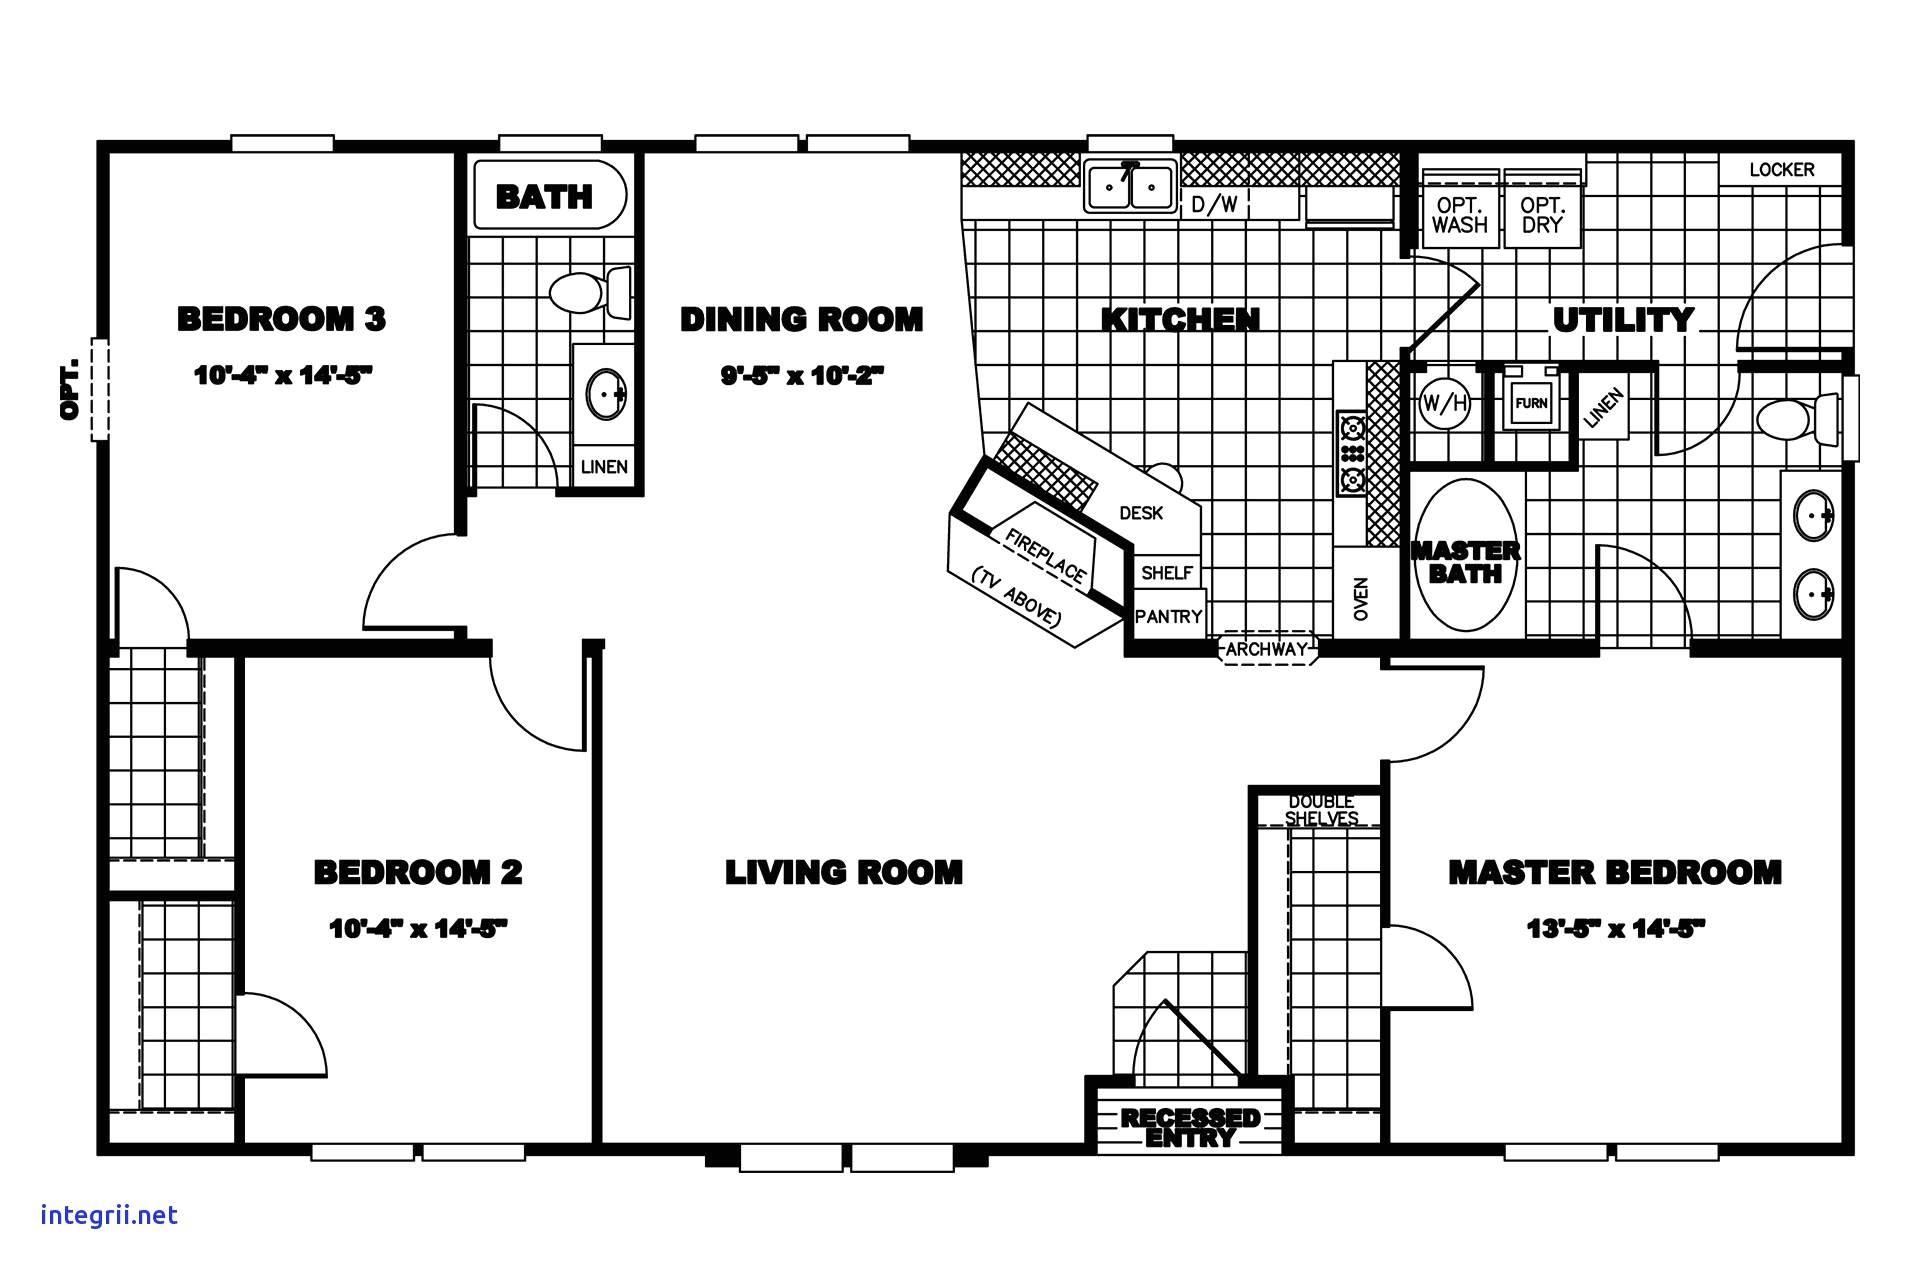 floor plans for 2436 house 24 x 36 home plans best of 5 bedroom - 5 Bedroom Floor Plans